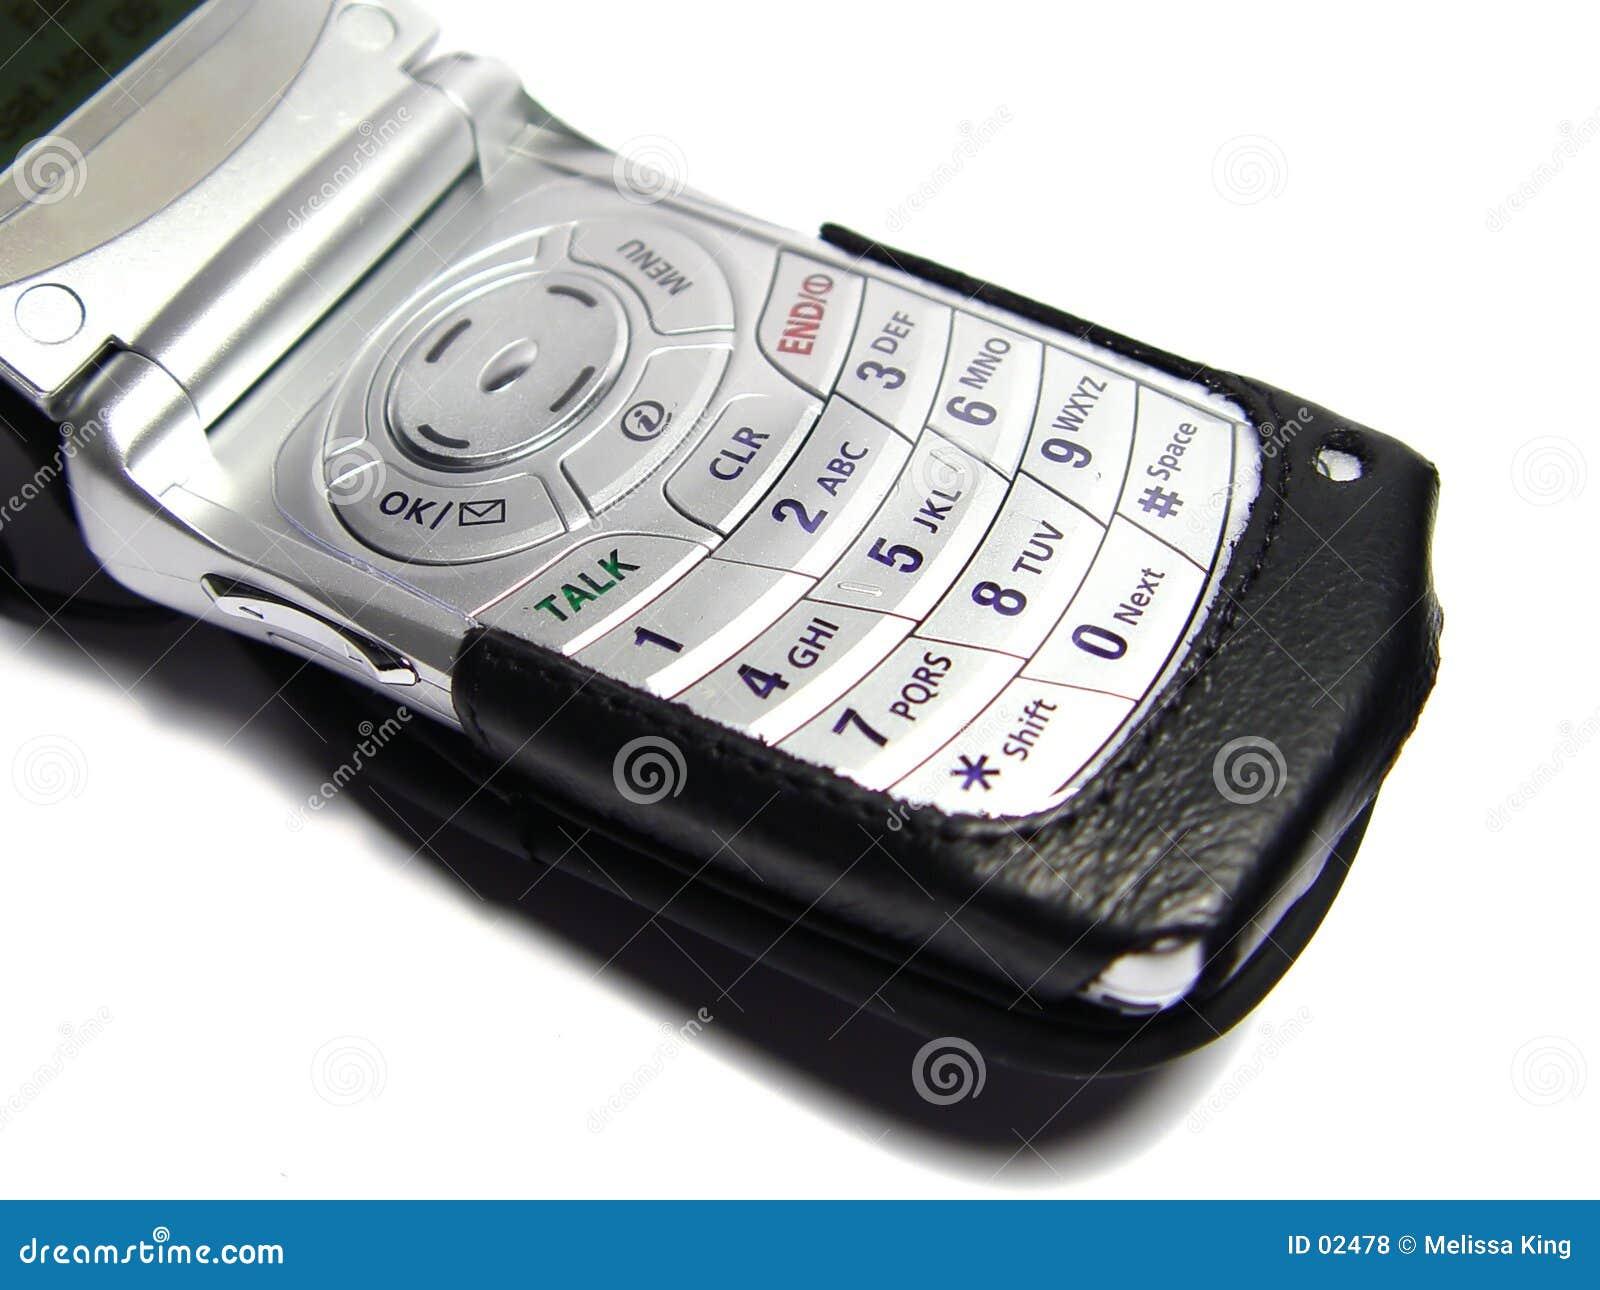 Mobiltelefon mit Fall